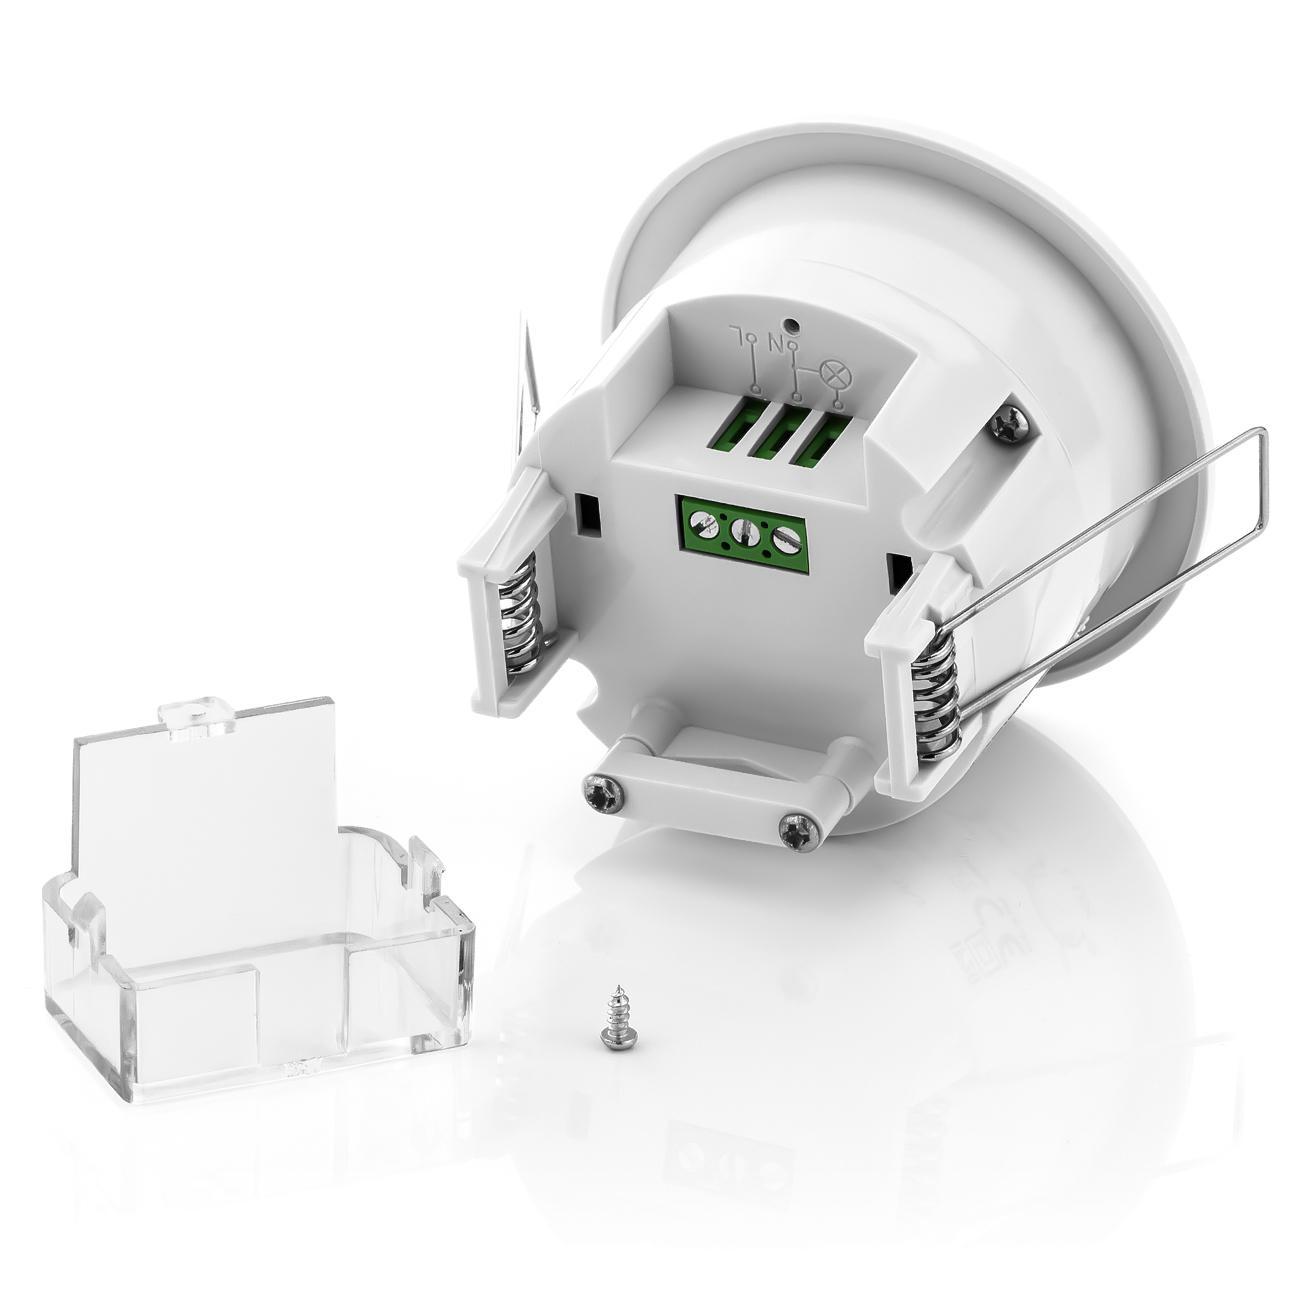 deleycon 2x infrarot bewegungsmelder unterputz decke 360 innen bis 6m sensor ebay. Black Bedroom Furniture Sets. Home Design Ideas